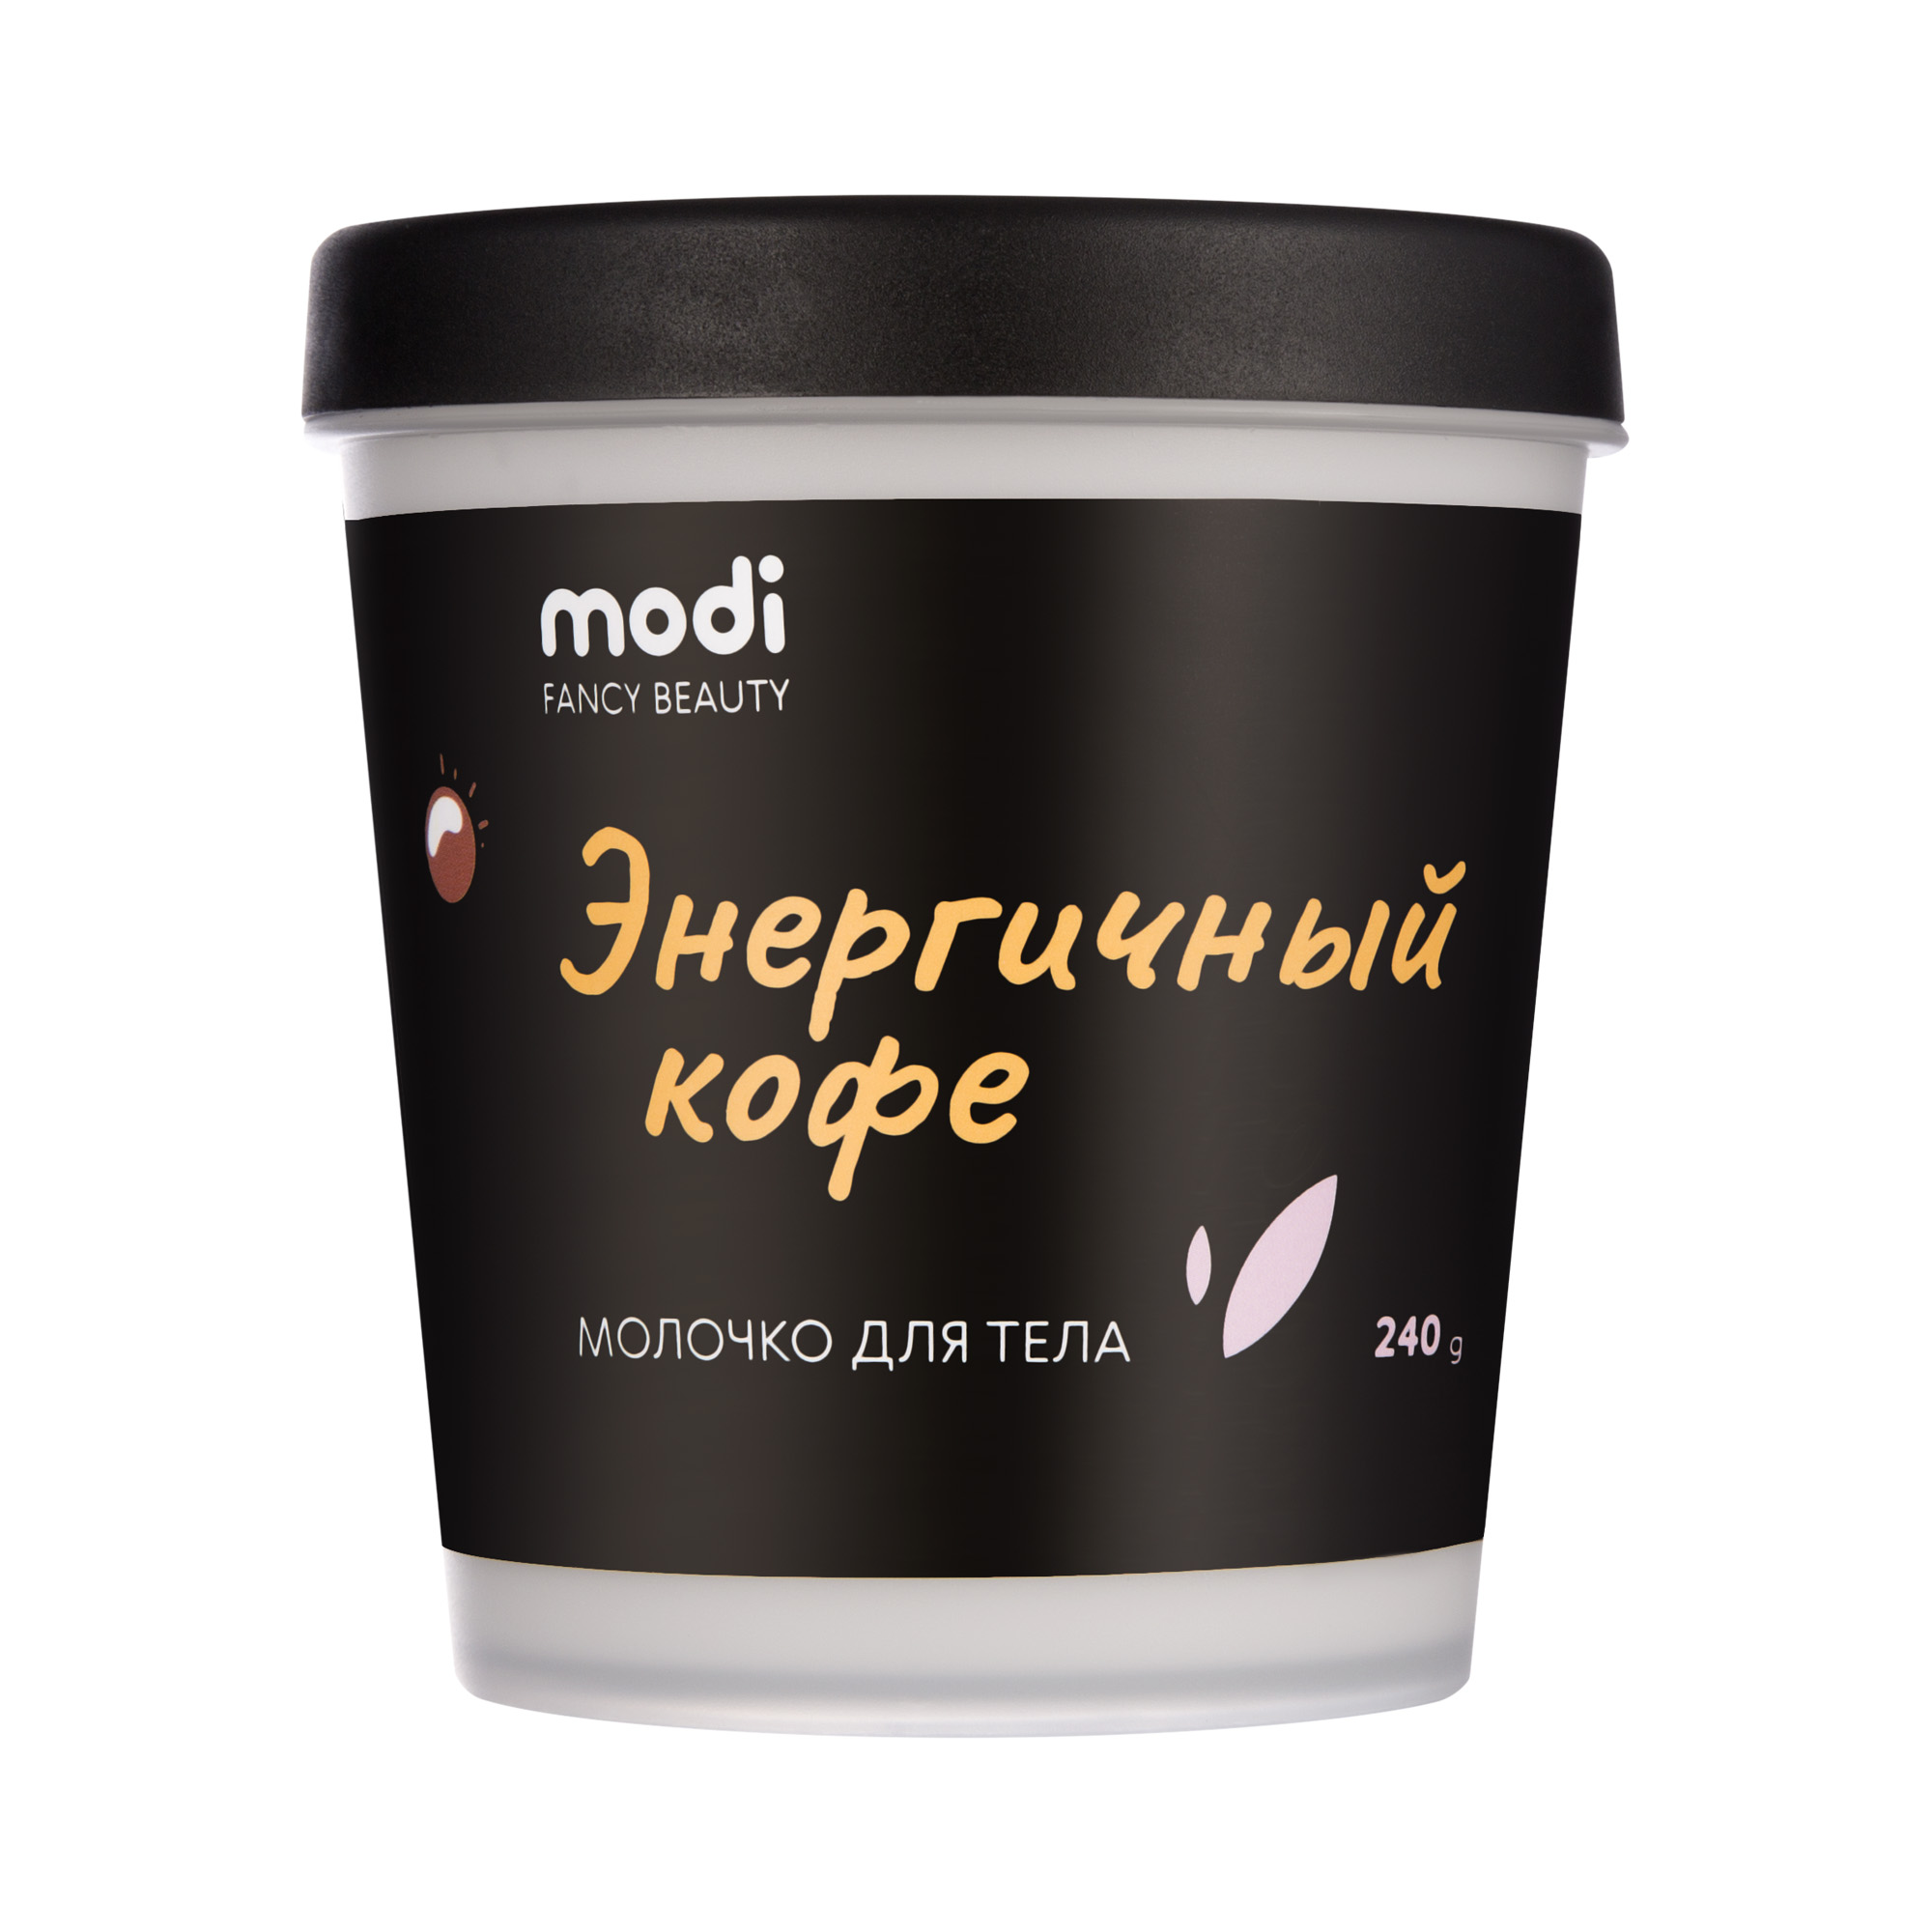 Крем для тела Кофе крем для тела